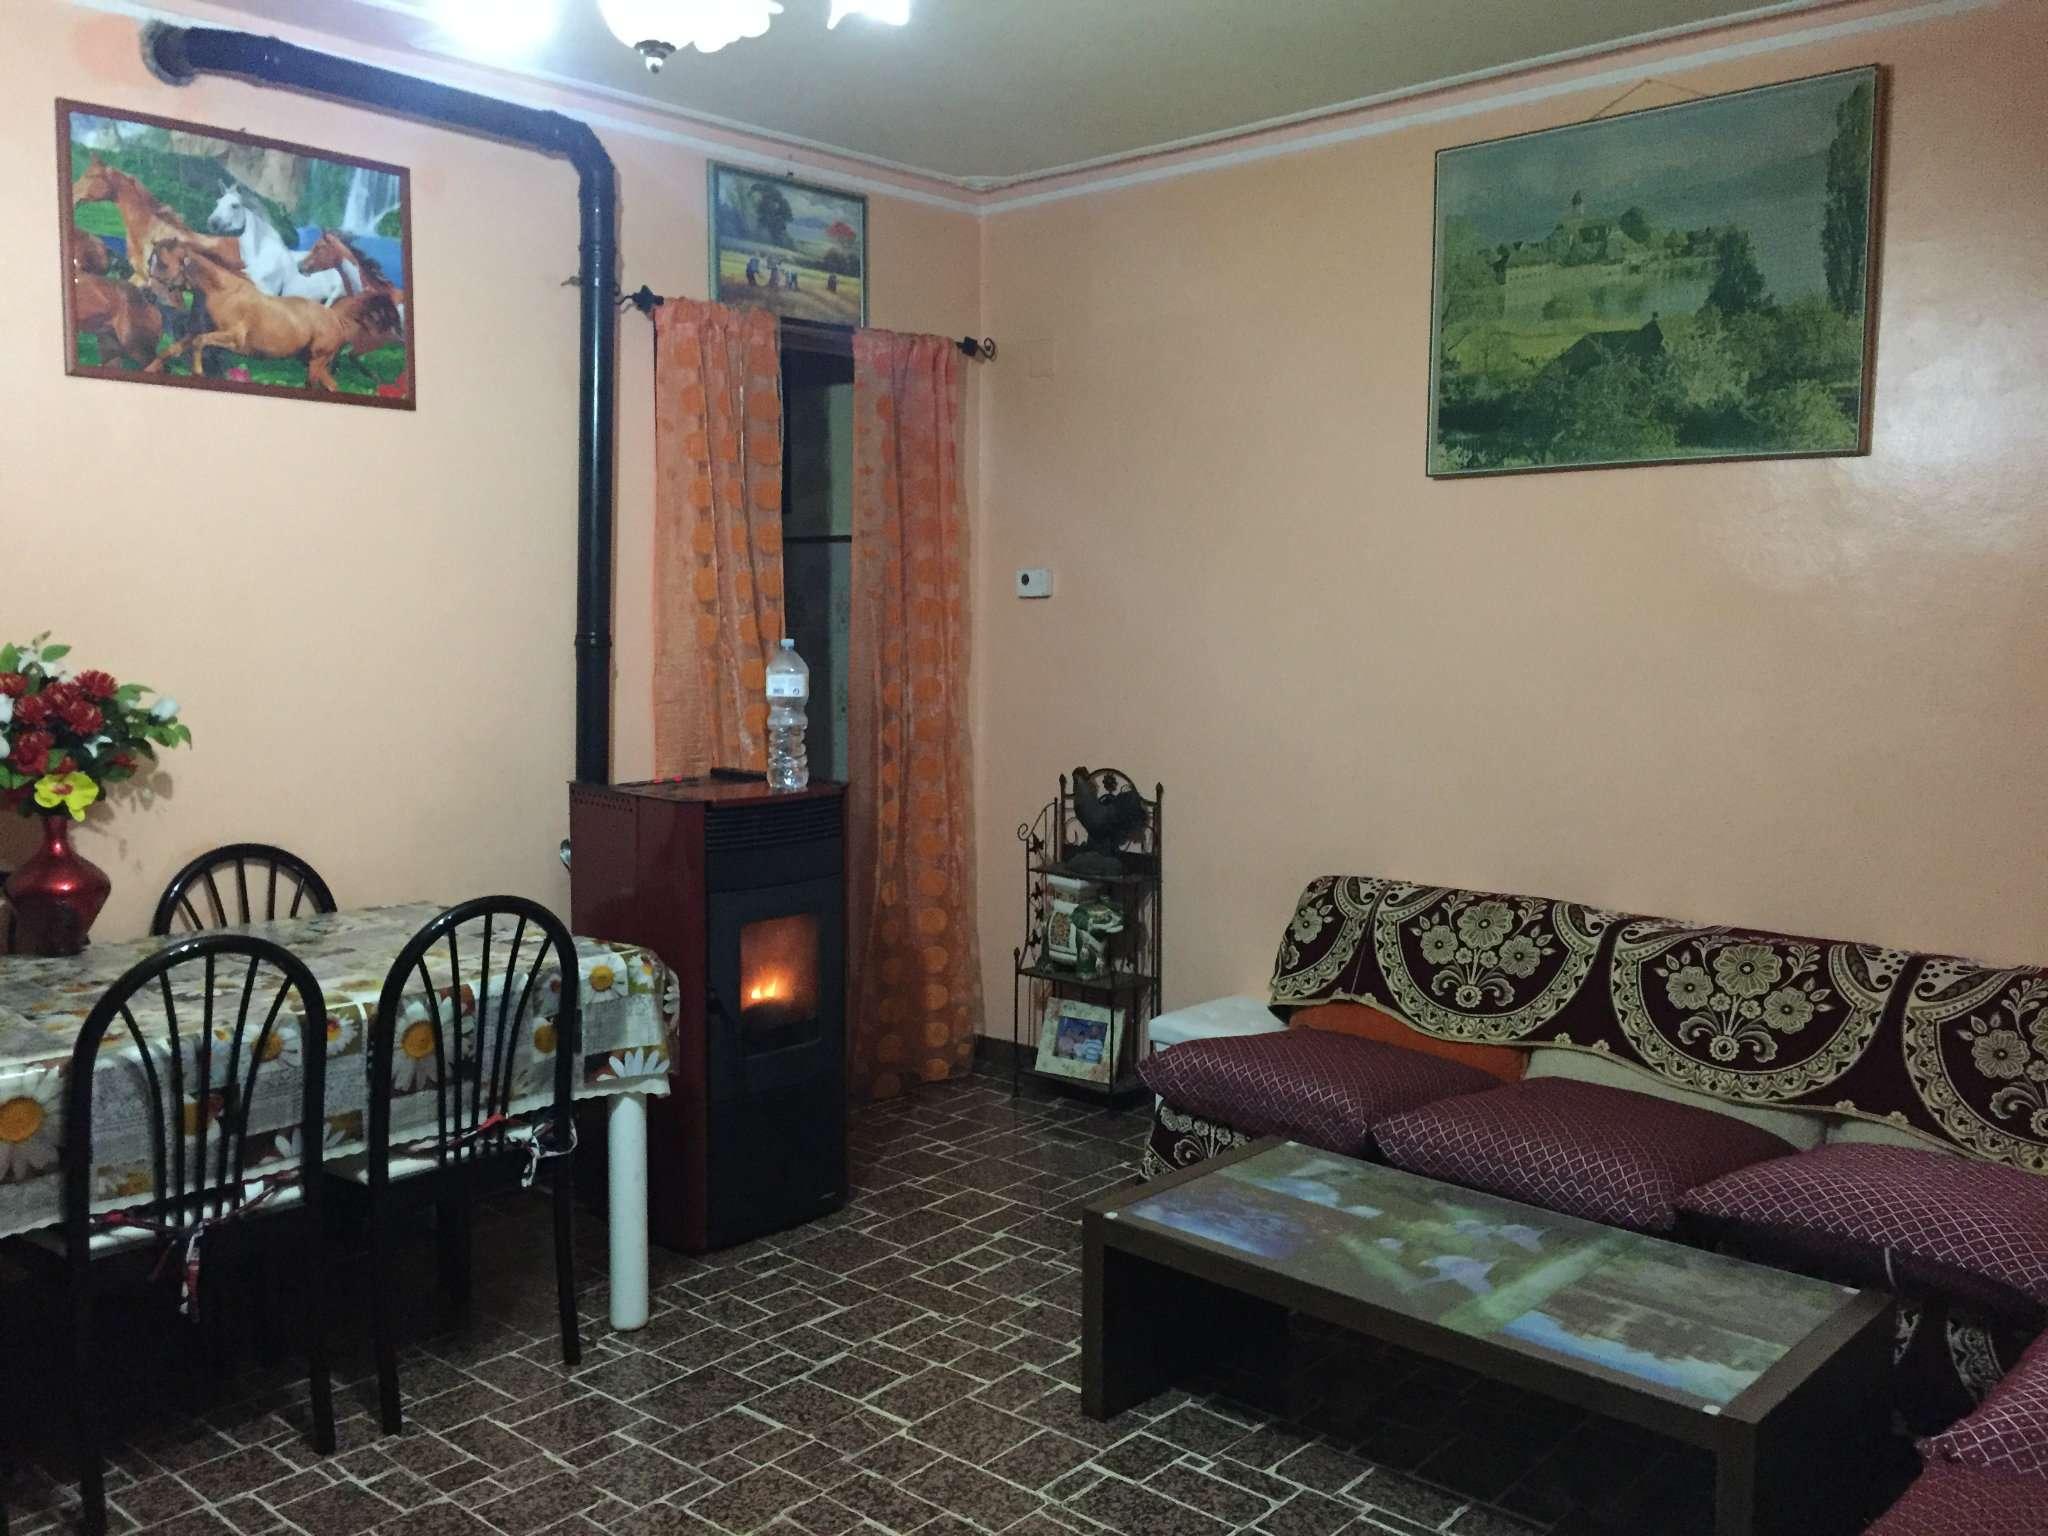 Palazzo / Stabile in vendita a Casalmaggiore, 5 locali, prezzo € 120.000 | Cambio Casa.it